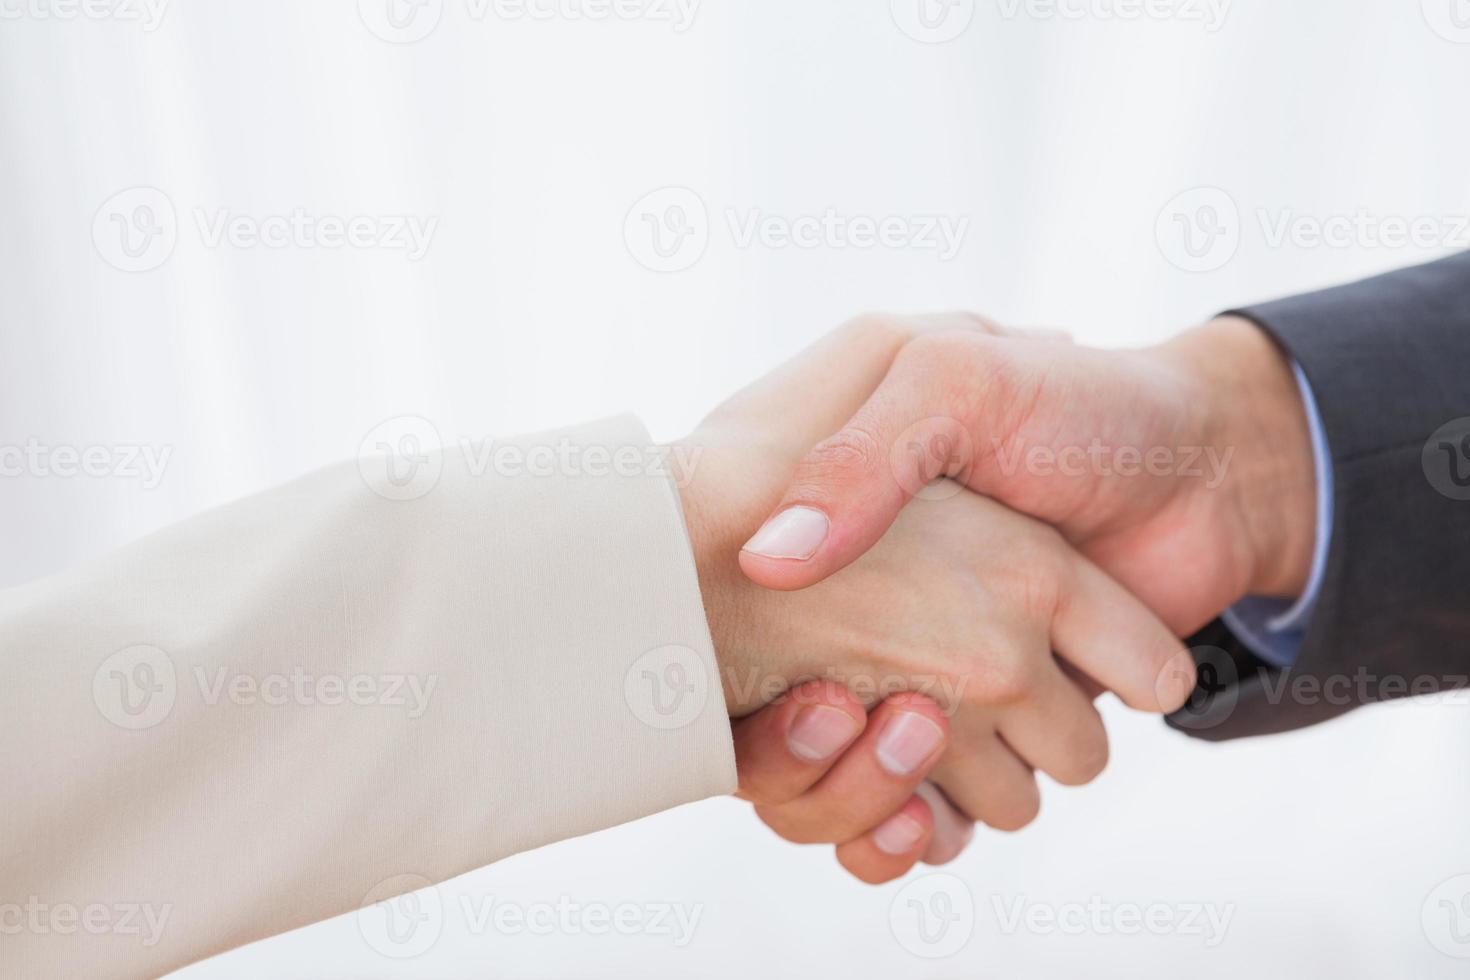 da vicino i partner si stringono la mano foto